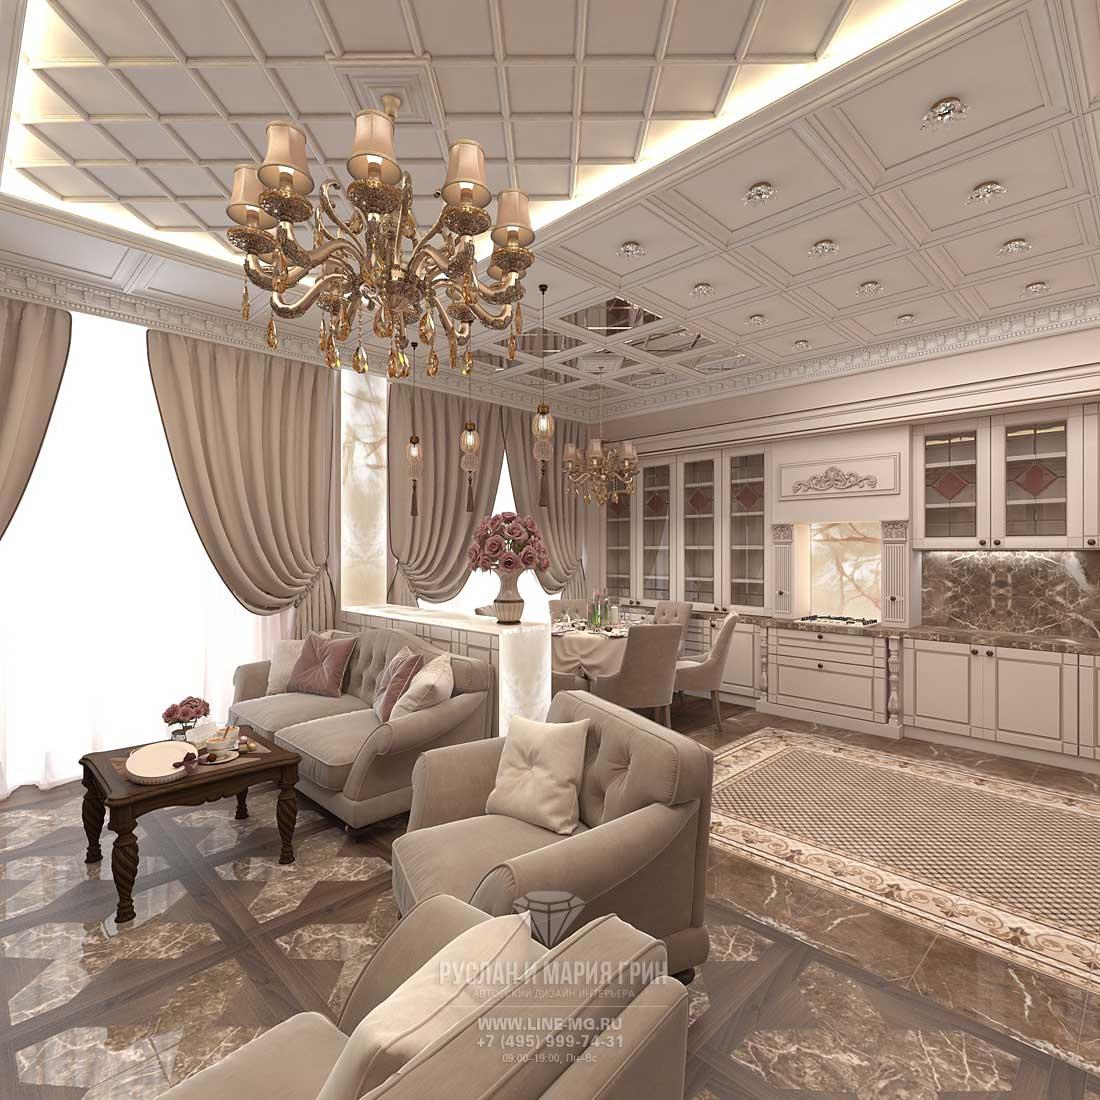 Кухня-гостиная 15 кв м (метров) - дизайн интерьера